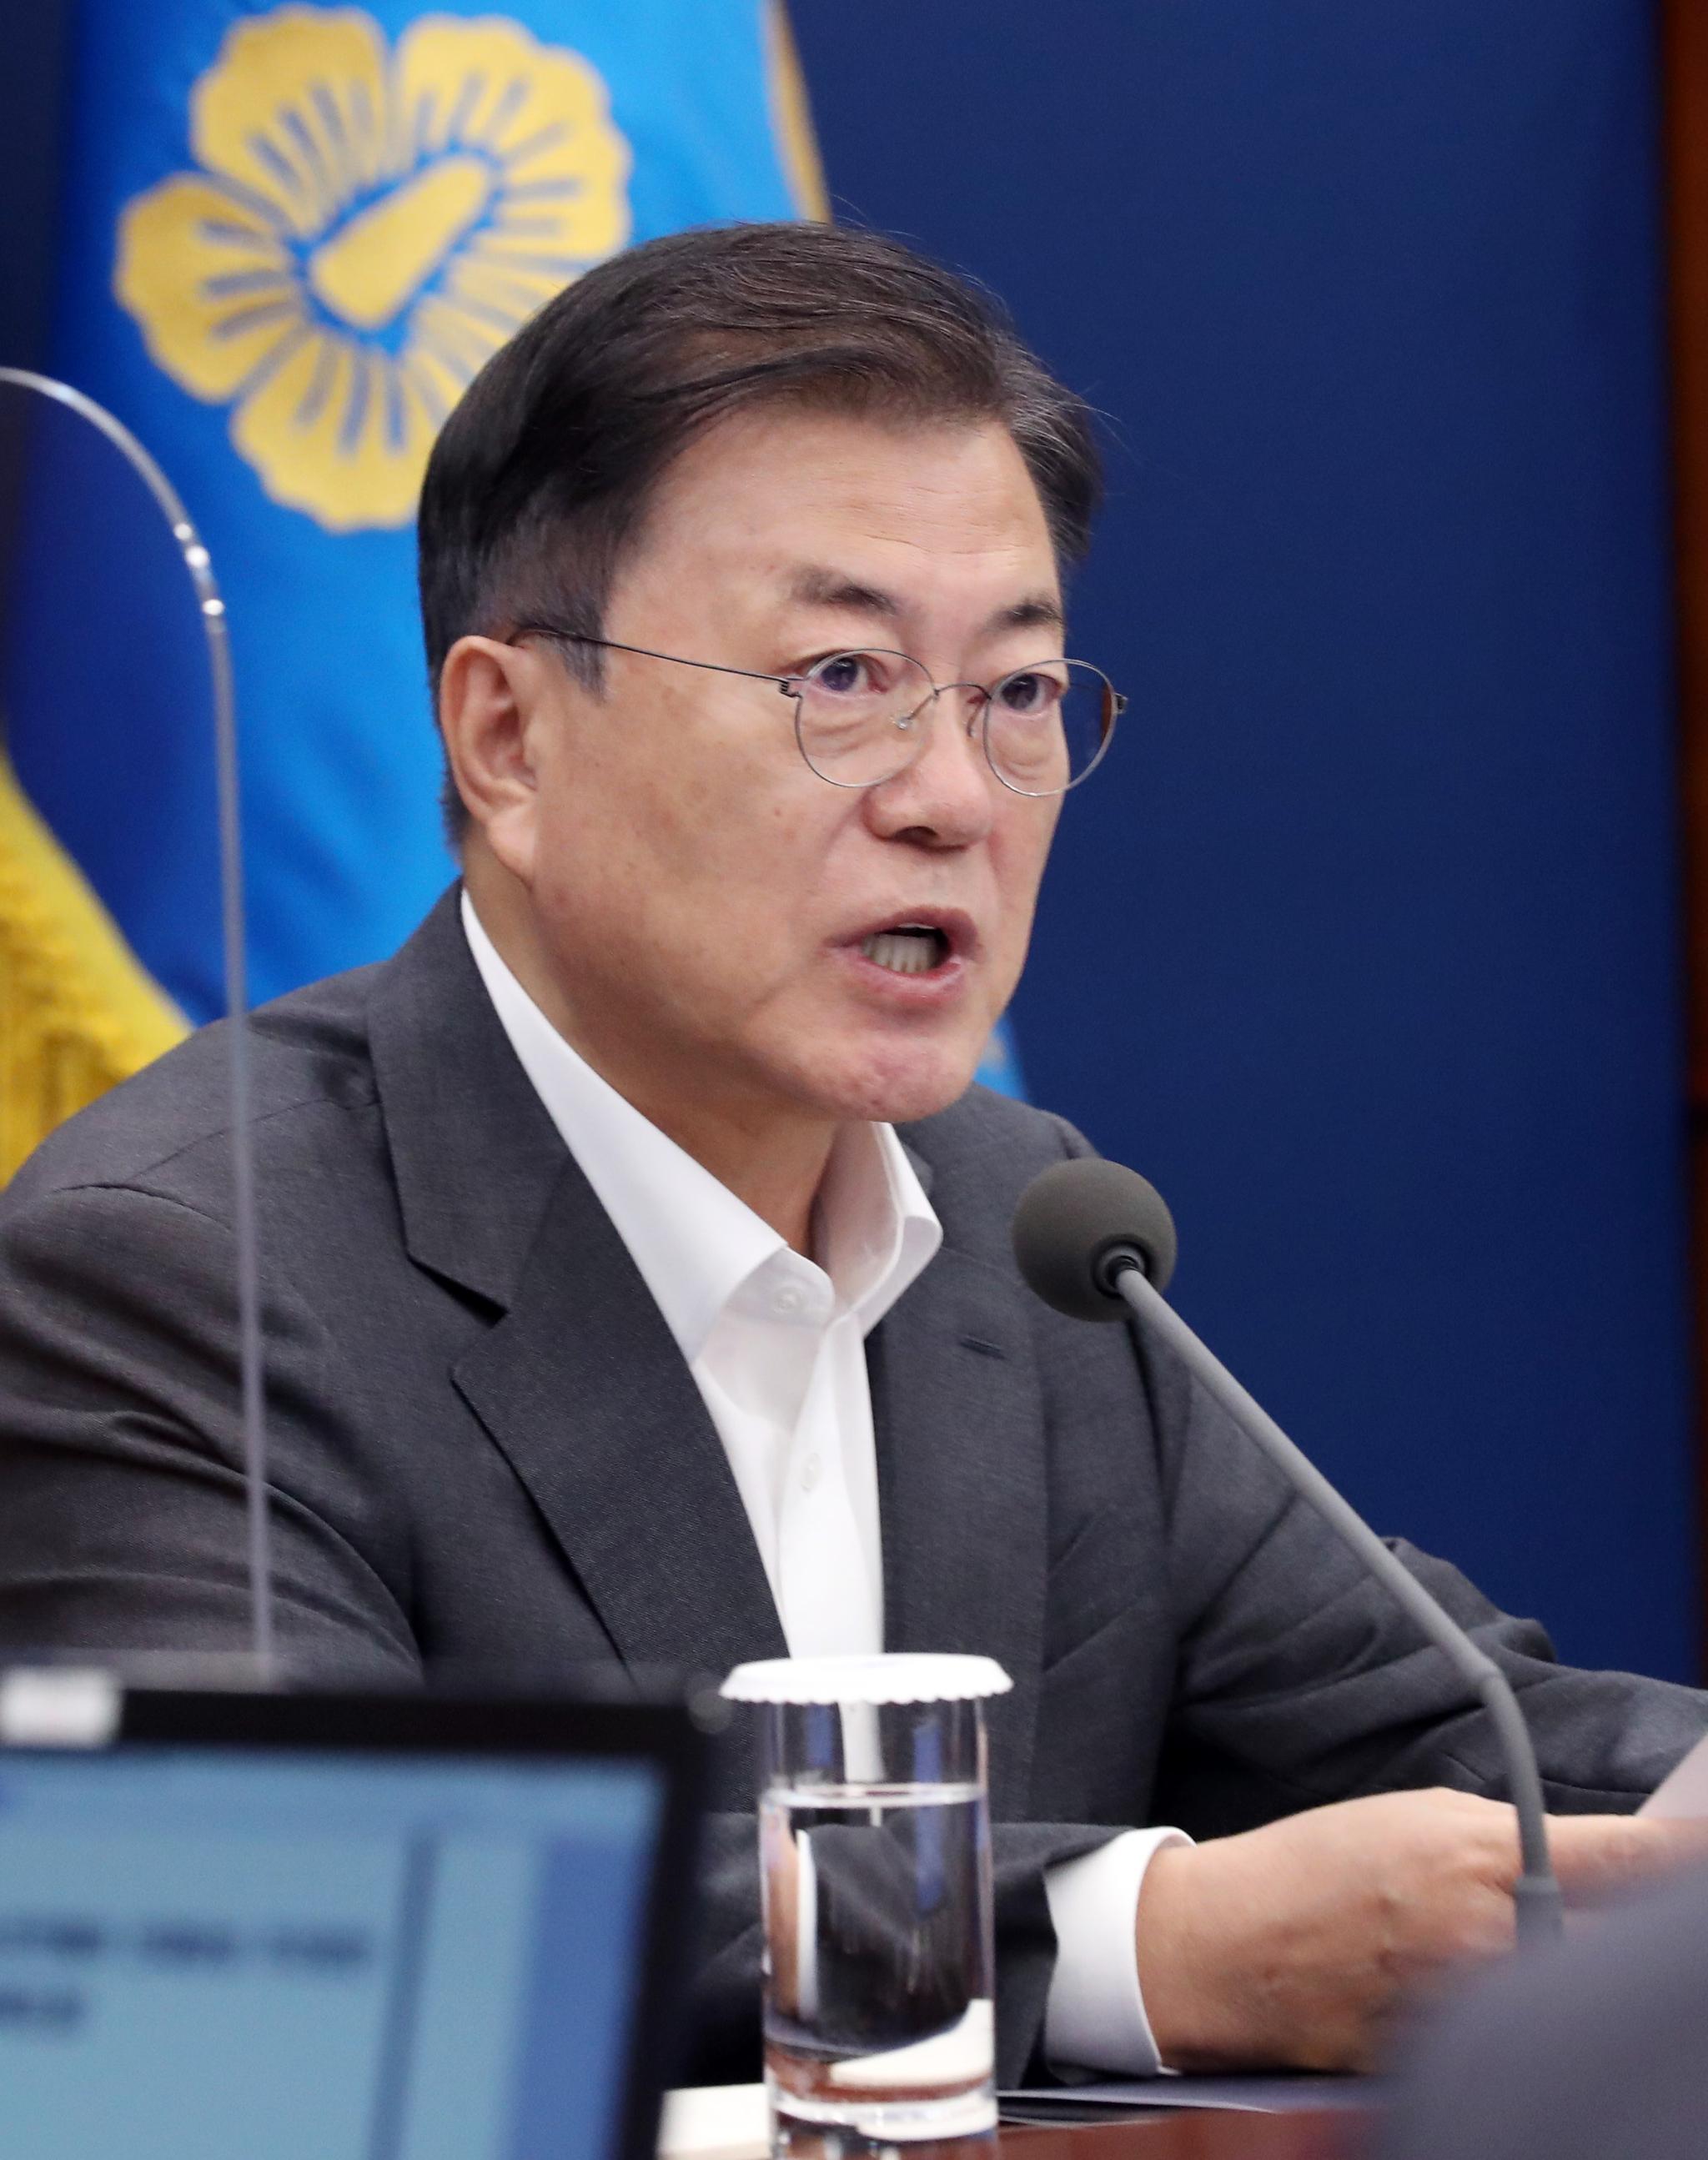 문재인 대통령이 17일 청와대에서 열린 수석·보좌관 회의에서 발언하고 있다. 연합뉴스